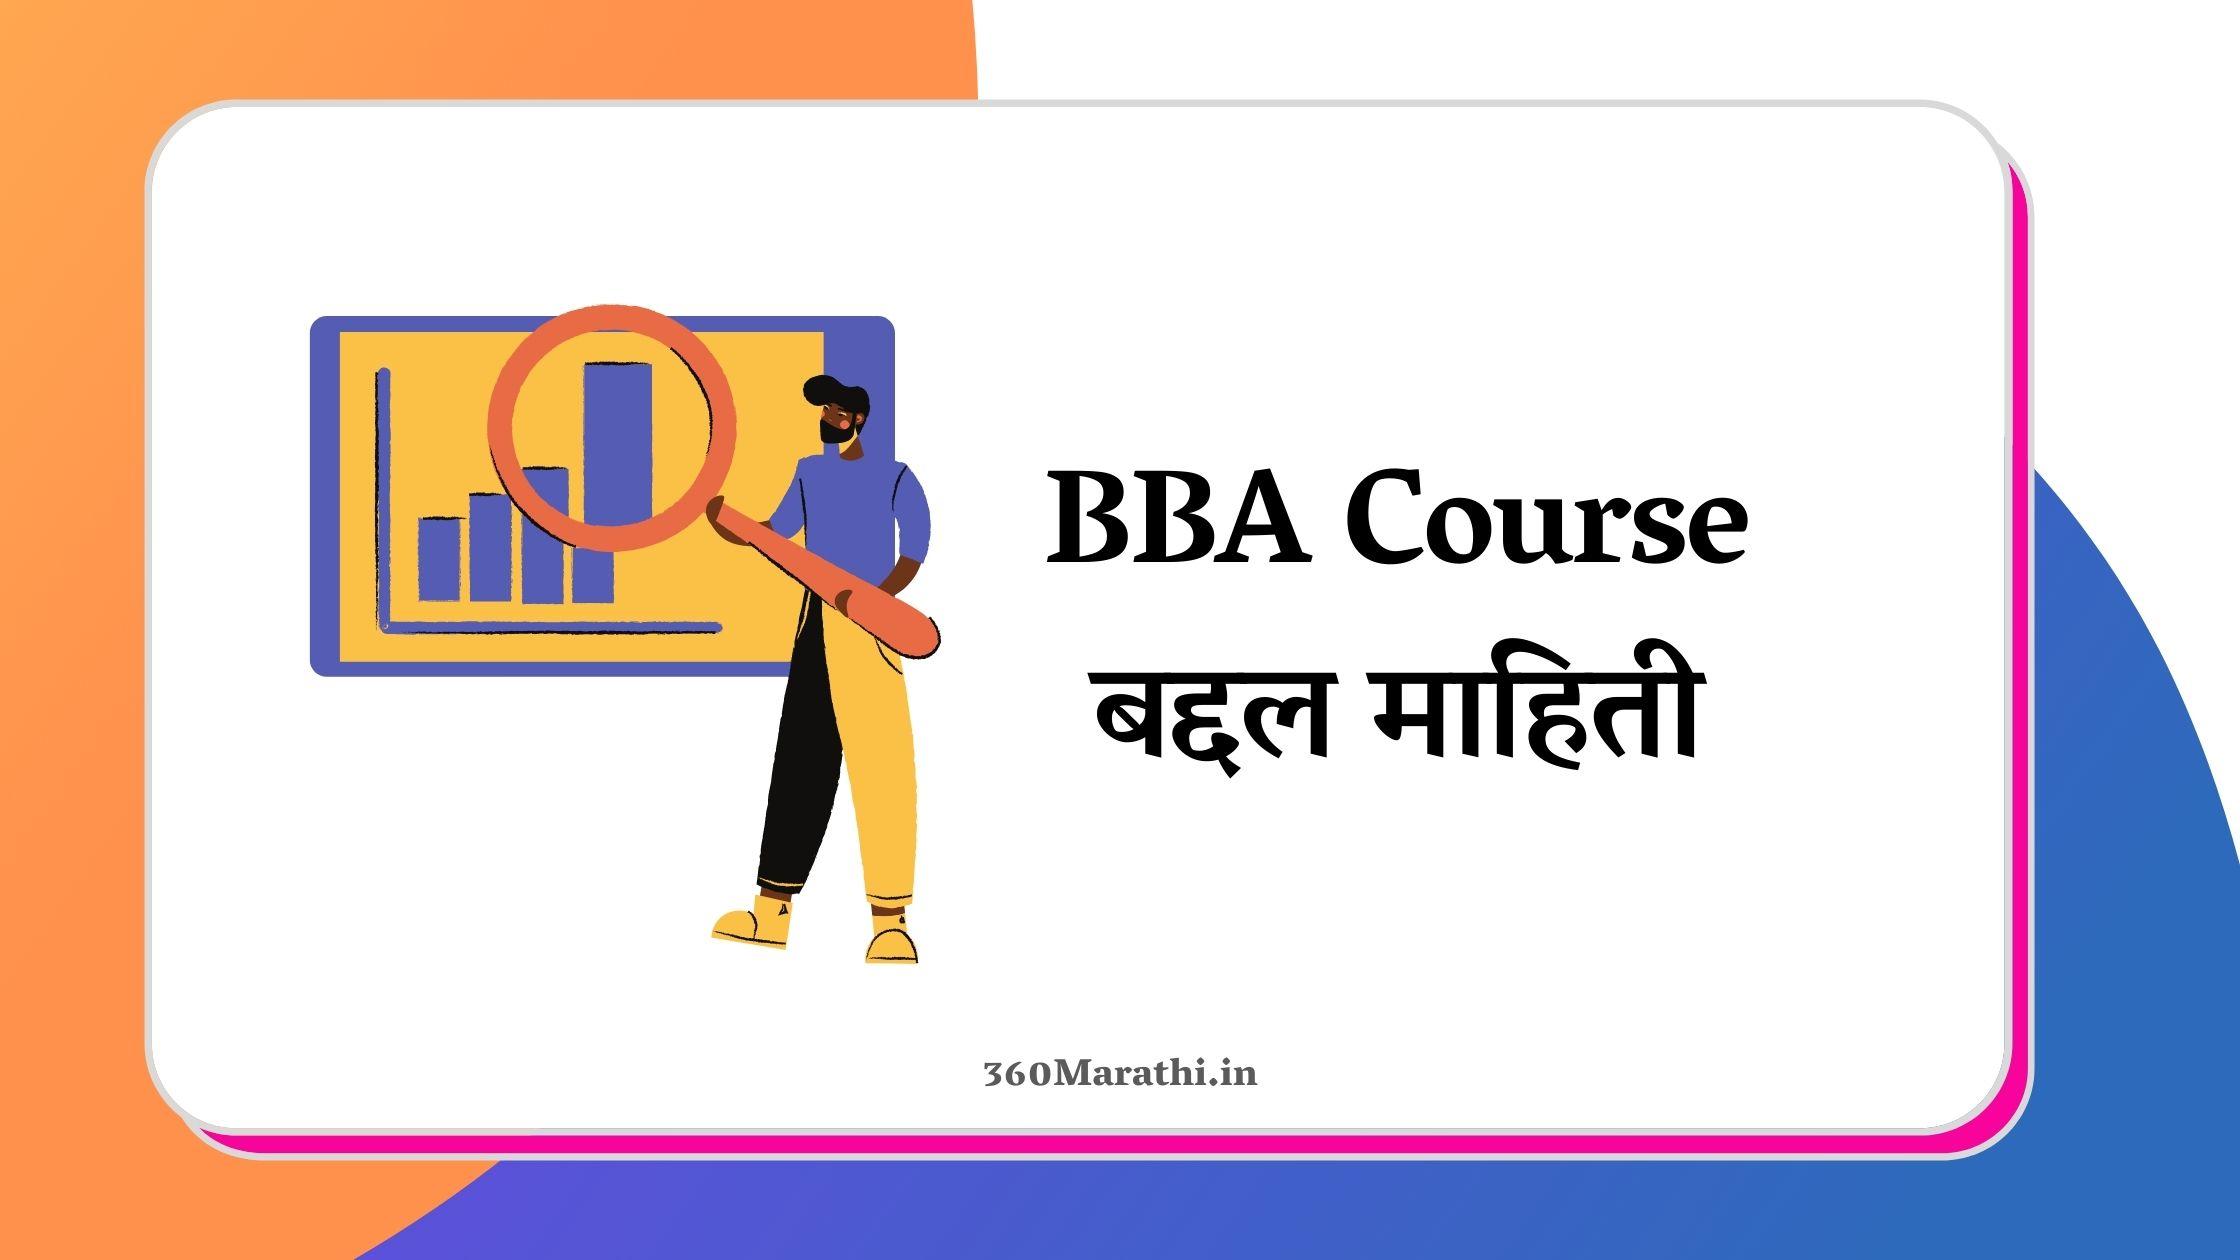 BBA Course Information in Marathi | BBA म्हणजे काय ? BBA साठी प्रवेश कसा घ्यायचा